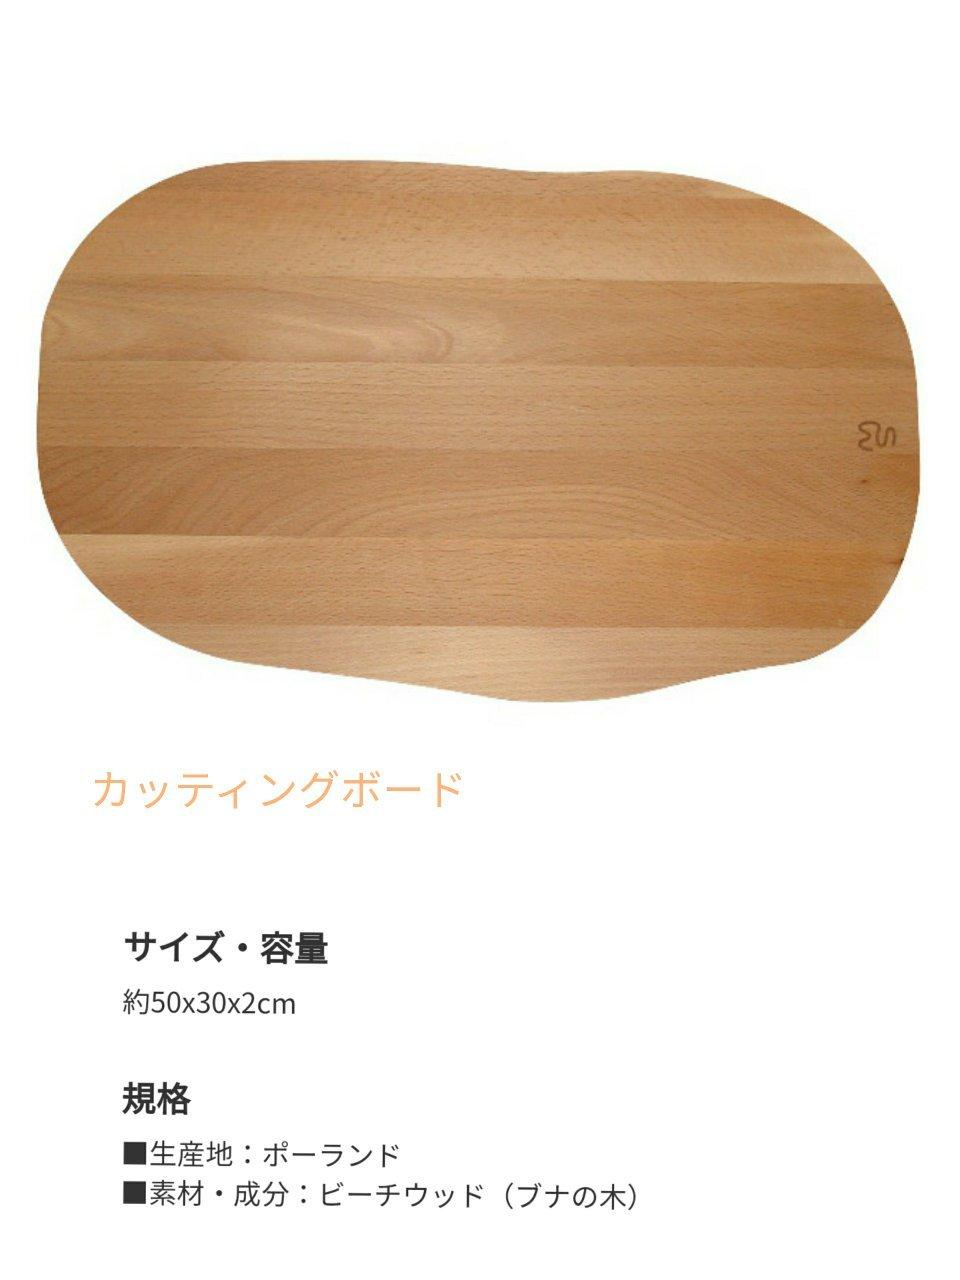 scanwood 入荷_f0255704_21005324.jpg